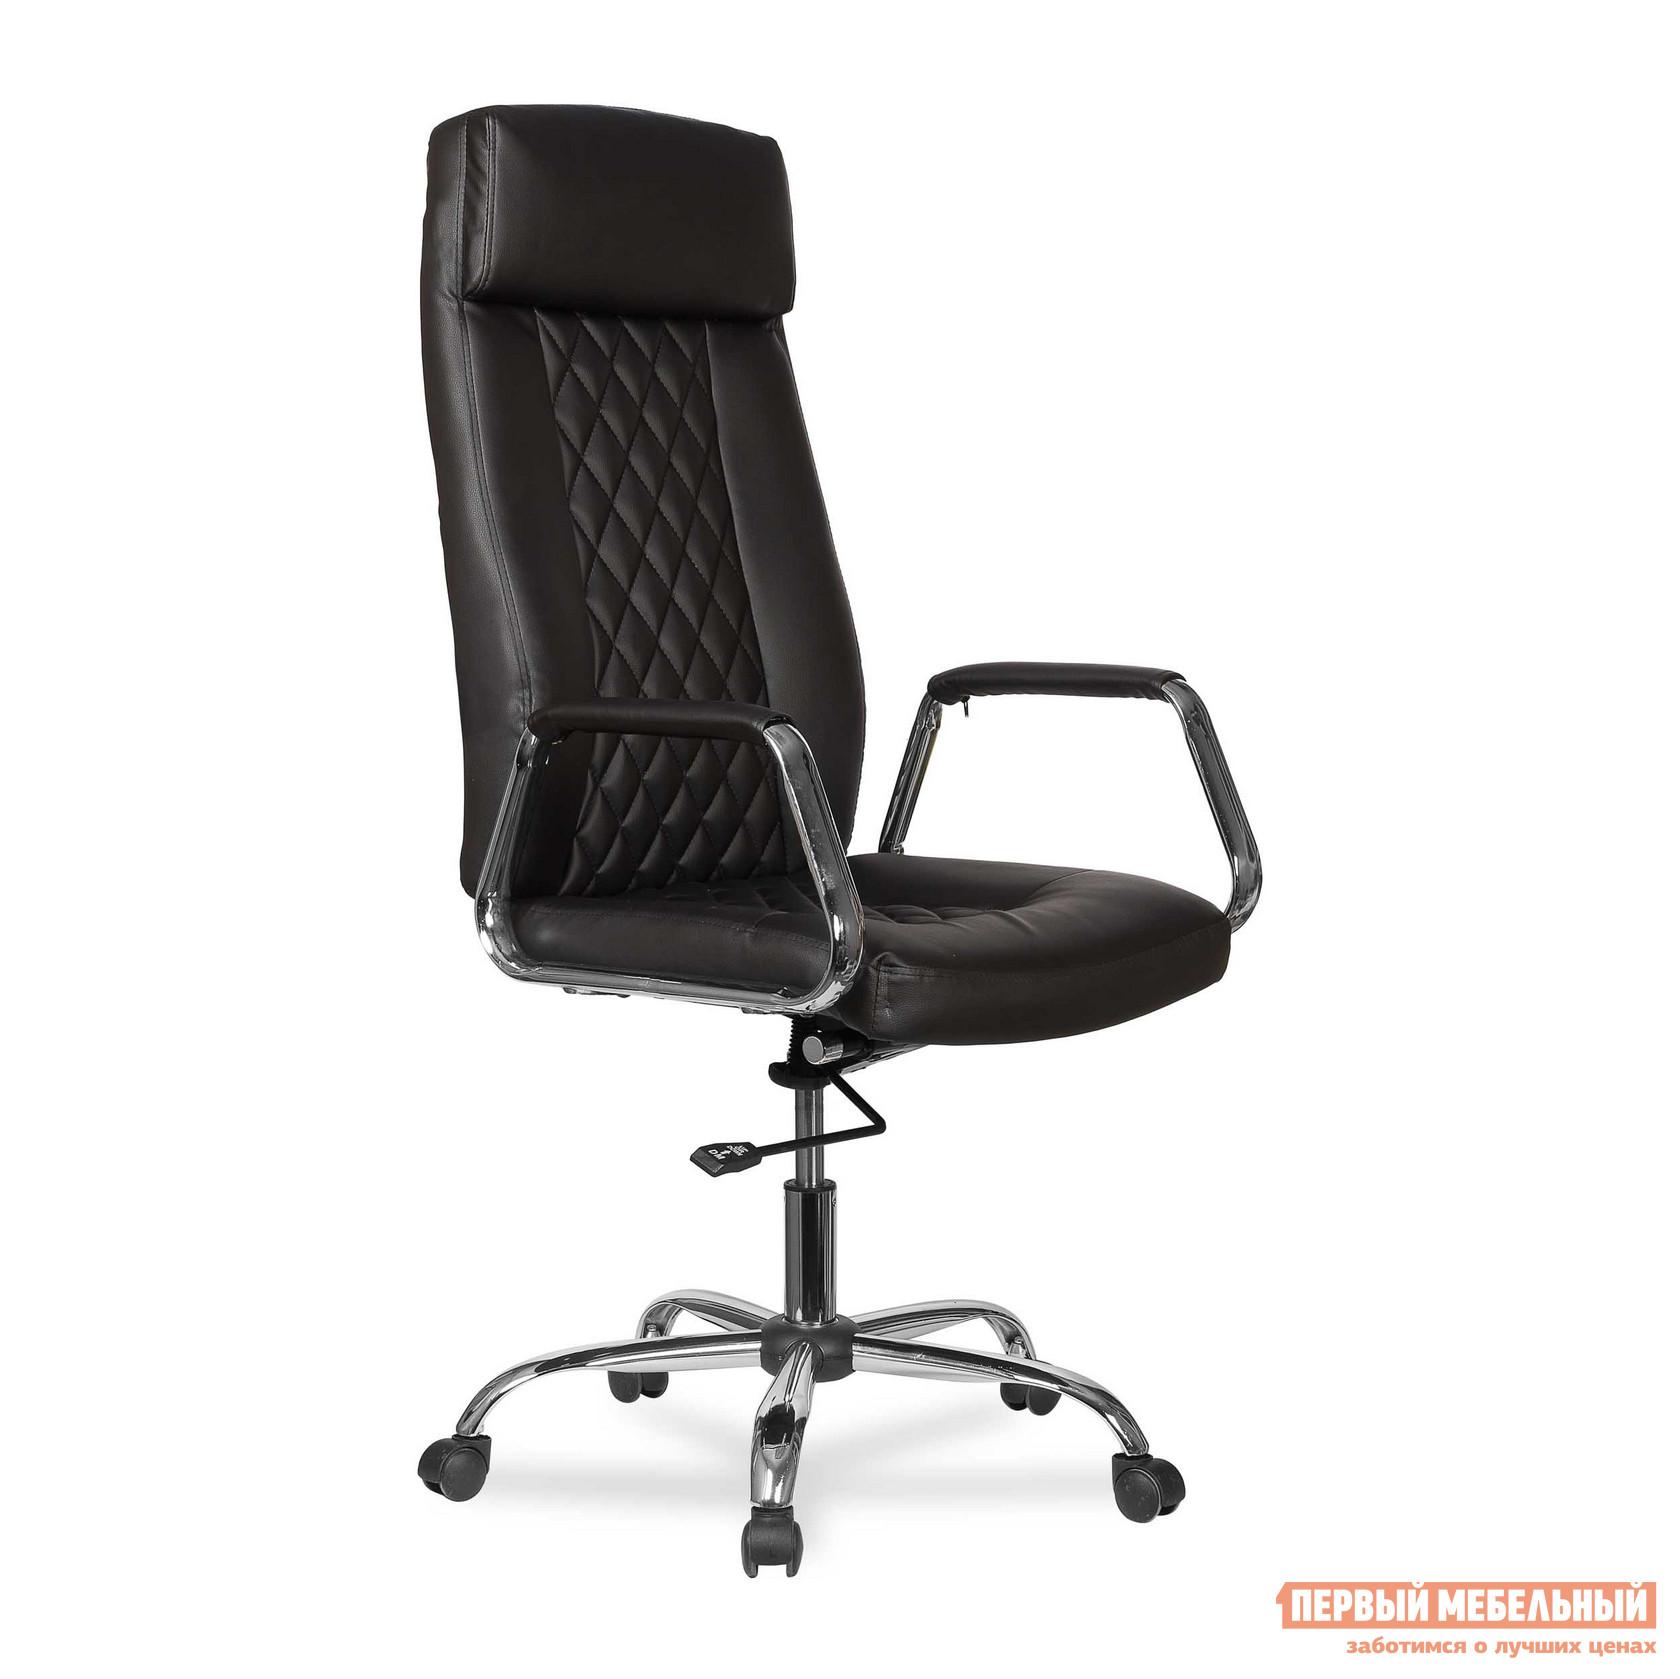 Кресло руководителя College Кресло BX-3625 кресло руководителя college bx 3225 1 чёрный